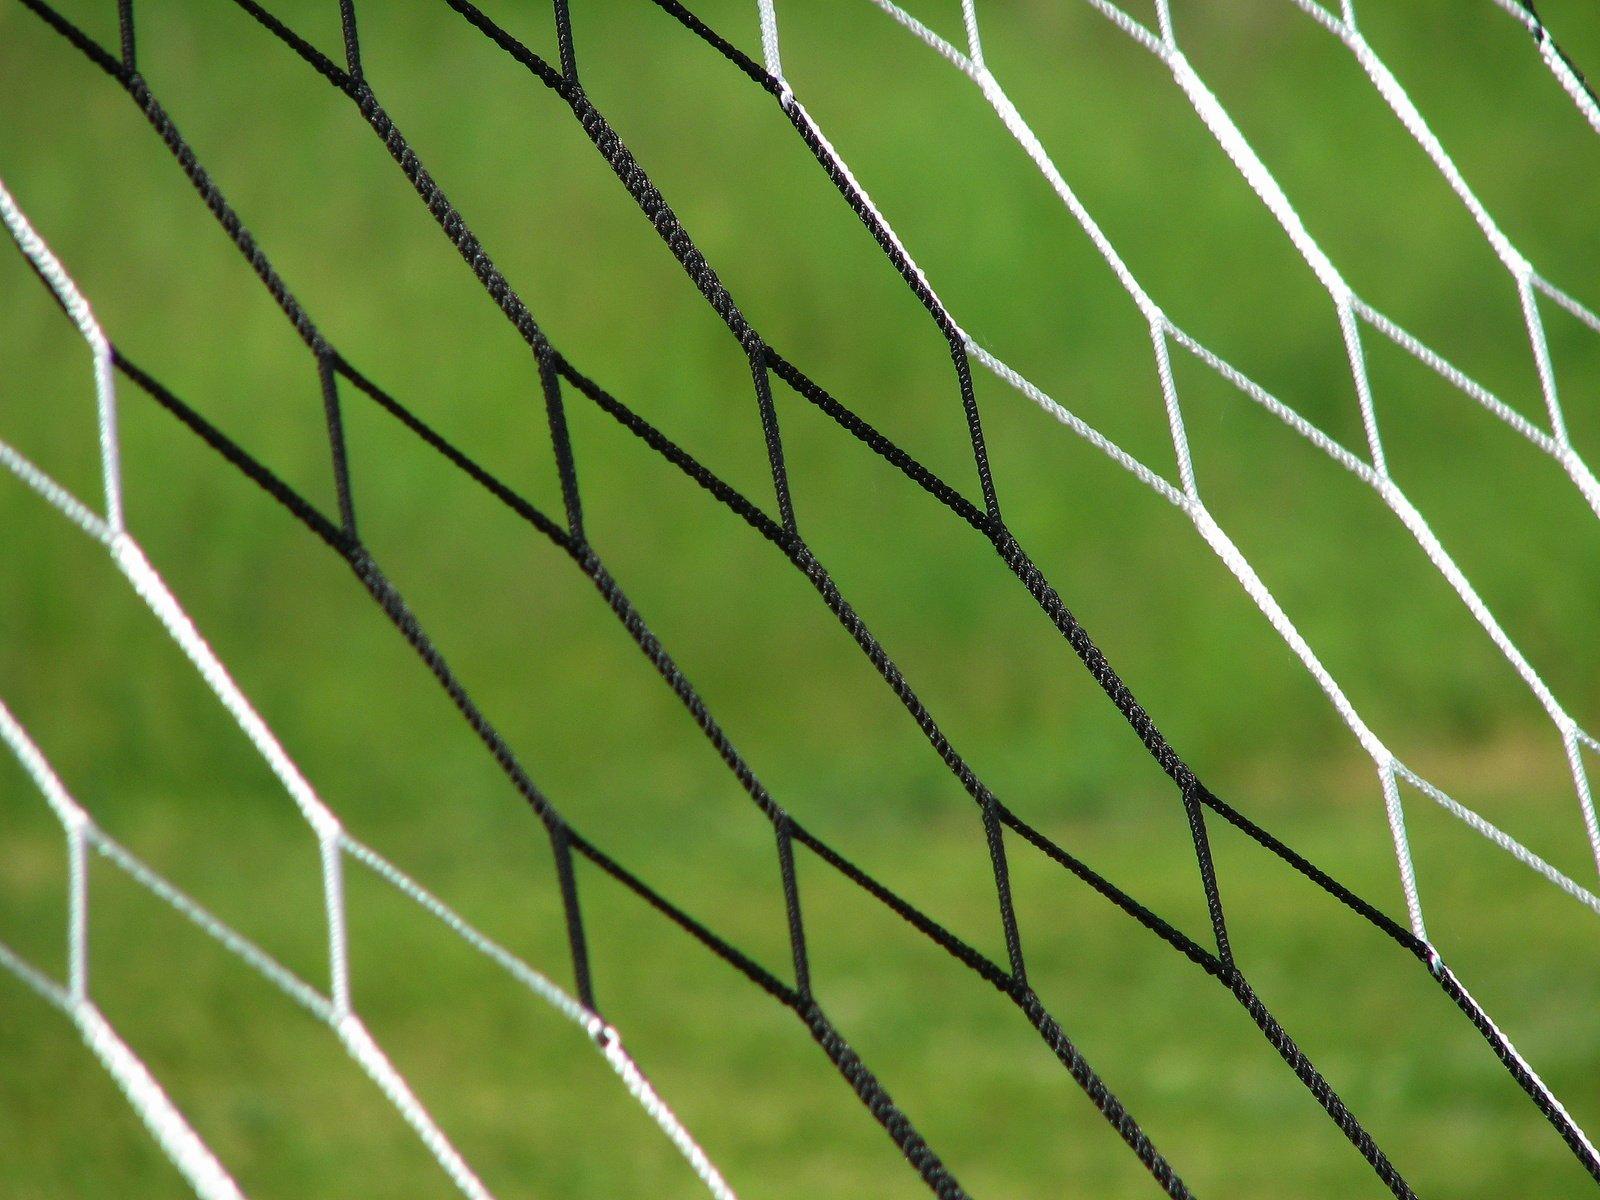 Футбольная сетка картинка